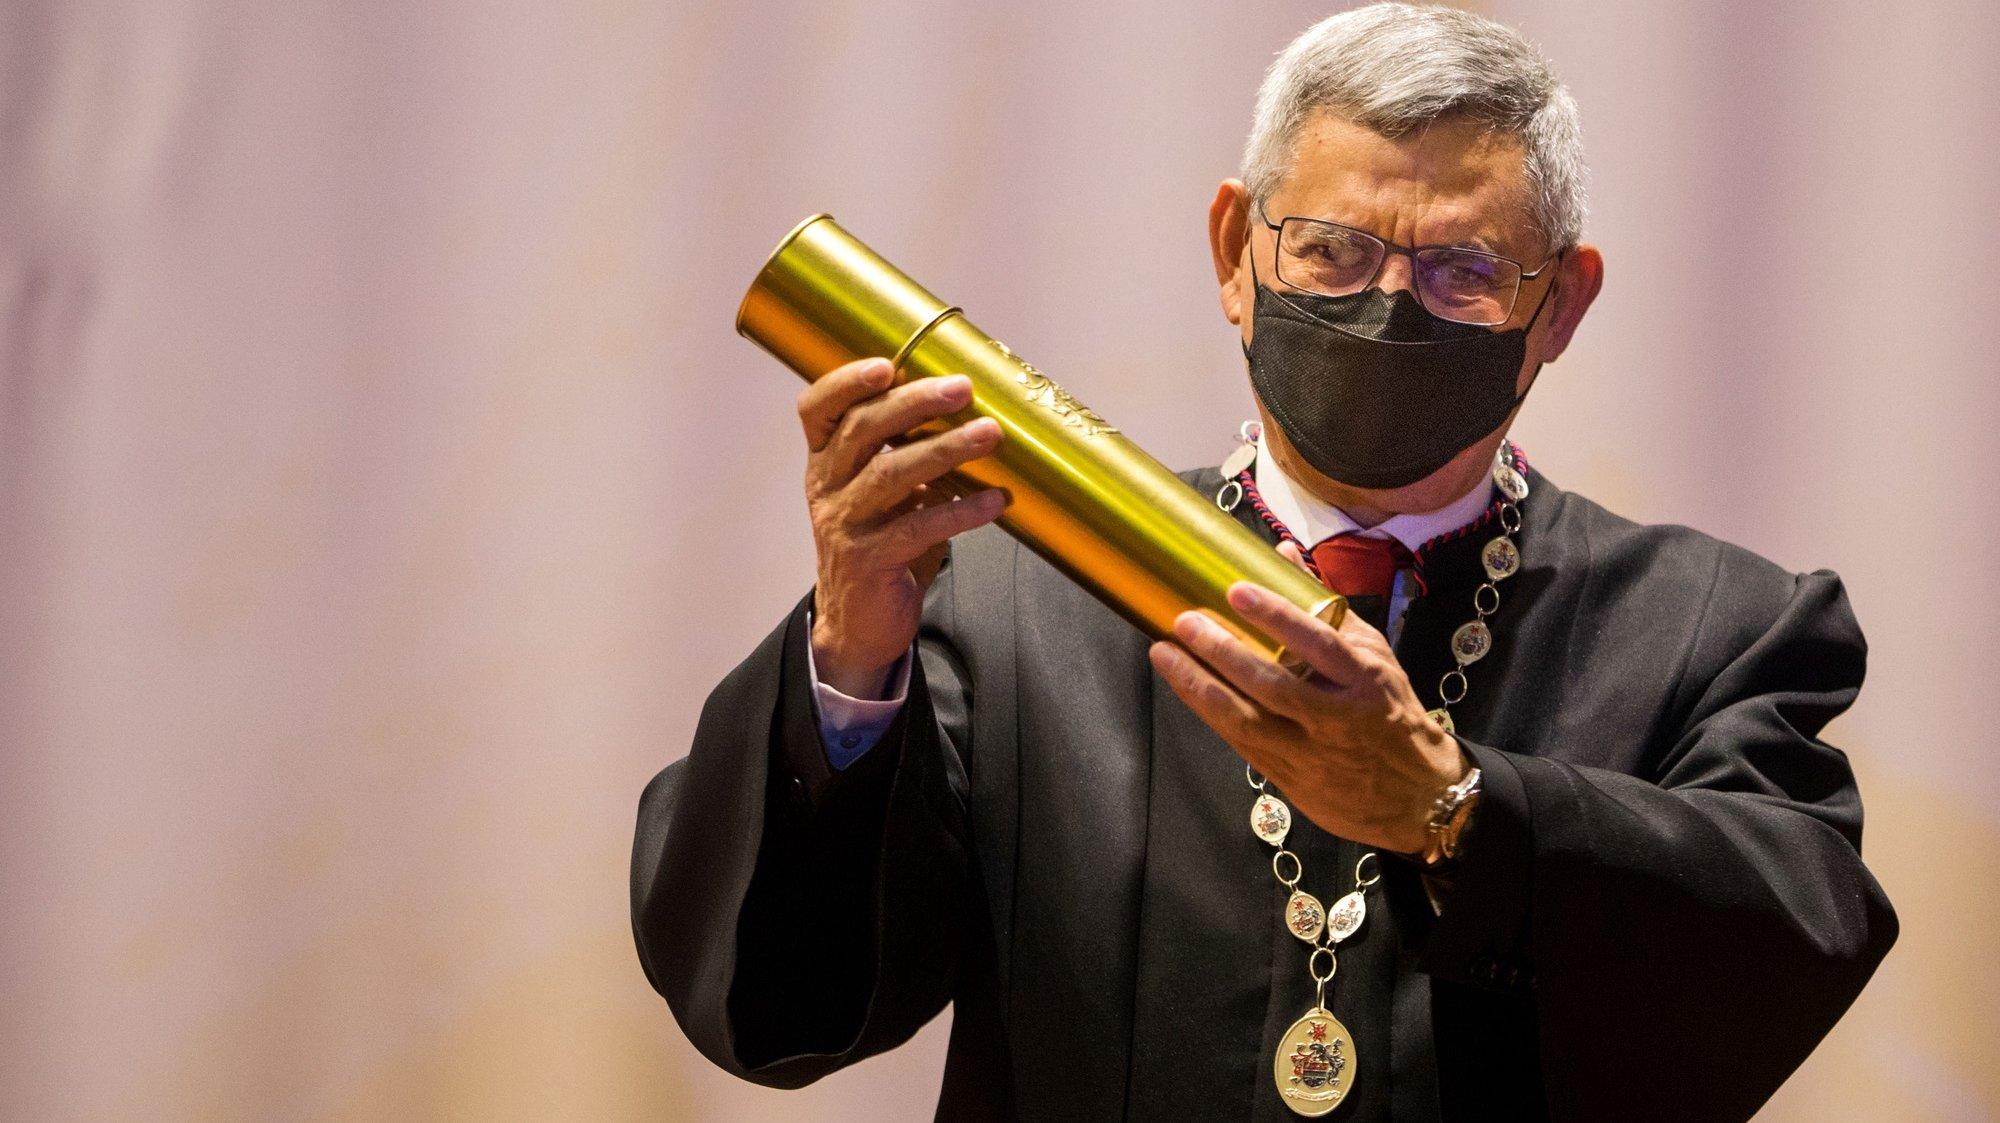 A Universidade Portucalense (UPT) atribui o título Honoris Causa ao Presidente da República de Cabo Verde, Jorge Carlos Fonseca, Porto, 16 de junho de 2021. JOSÉ COELHO/LUSA